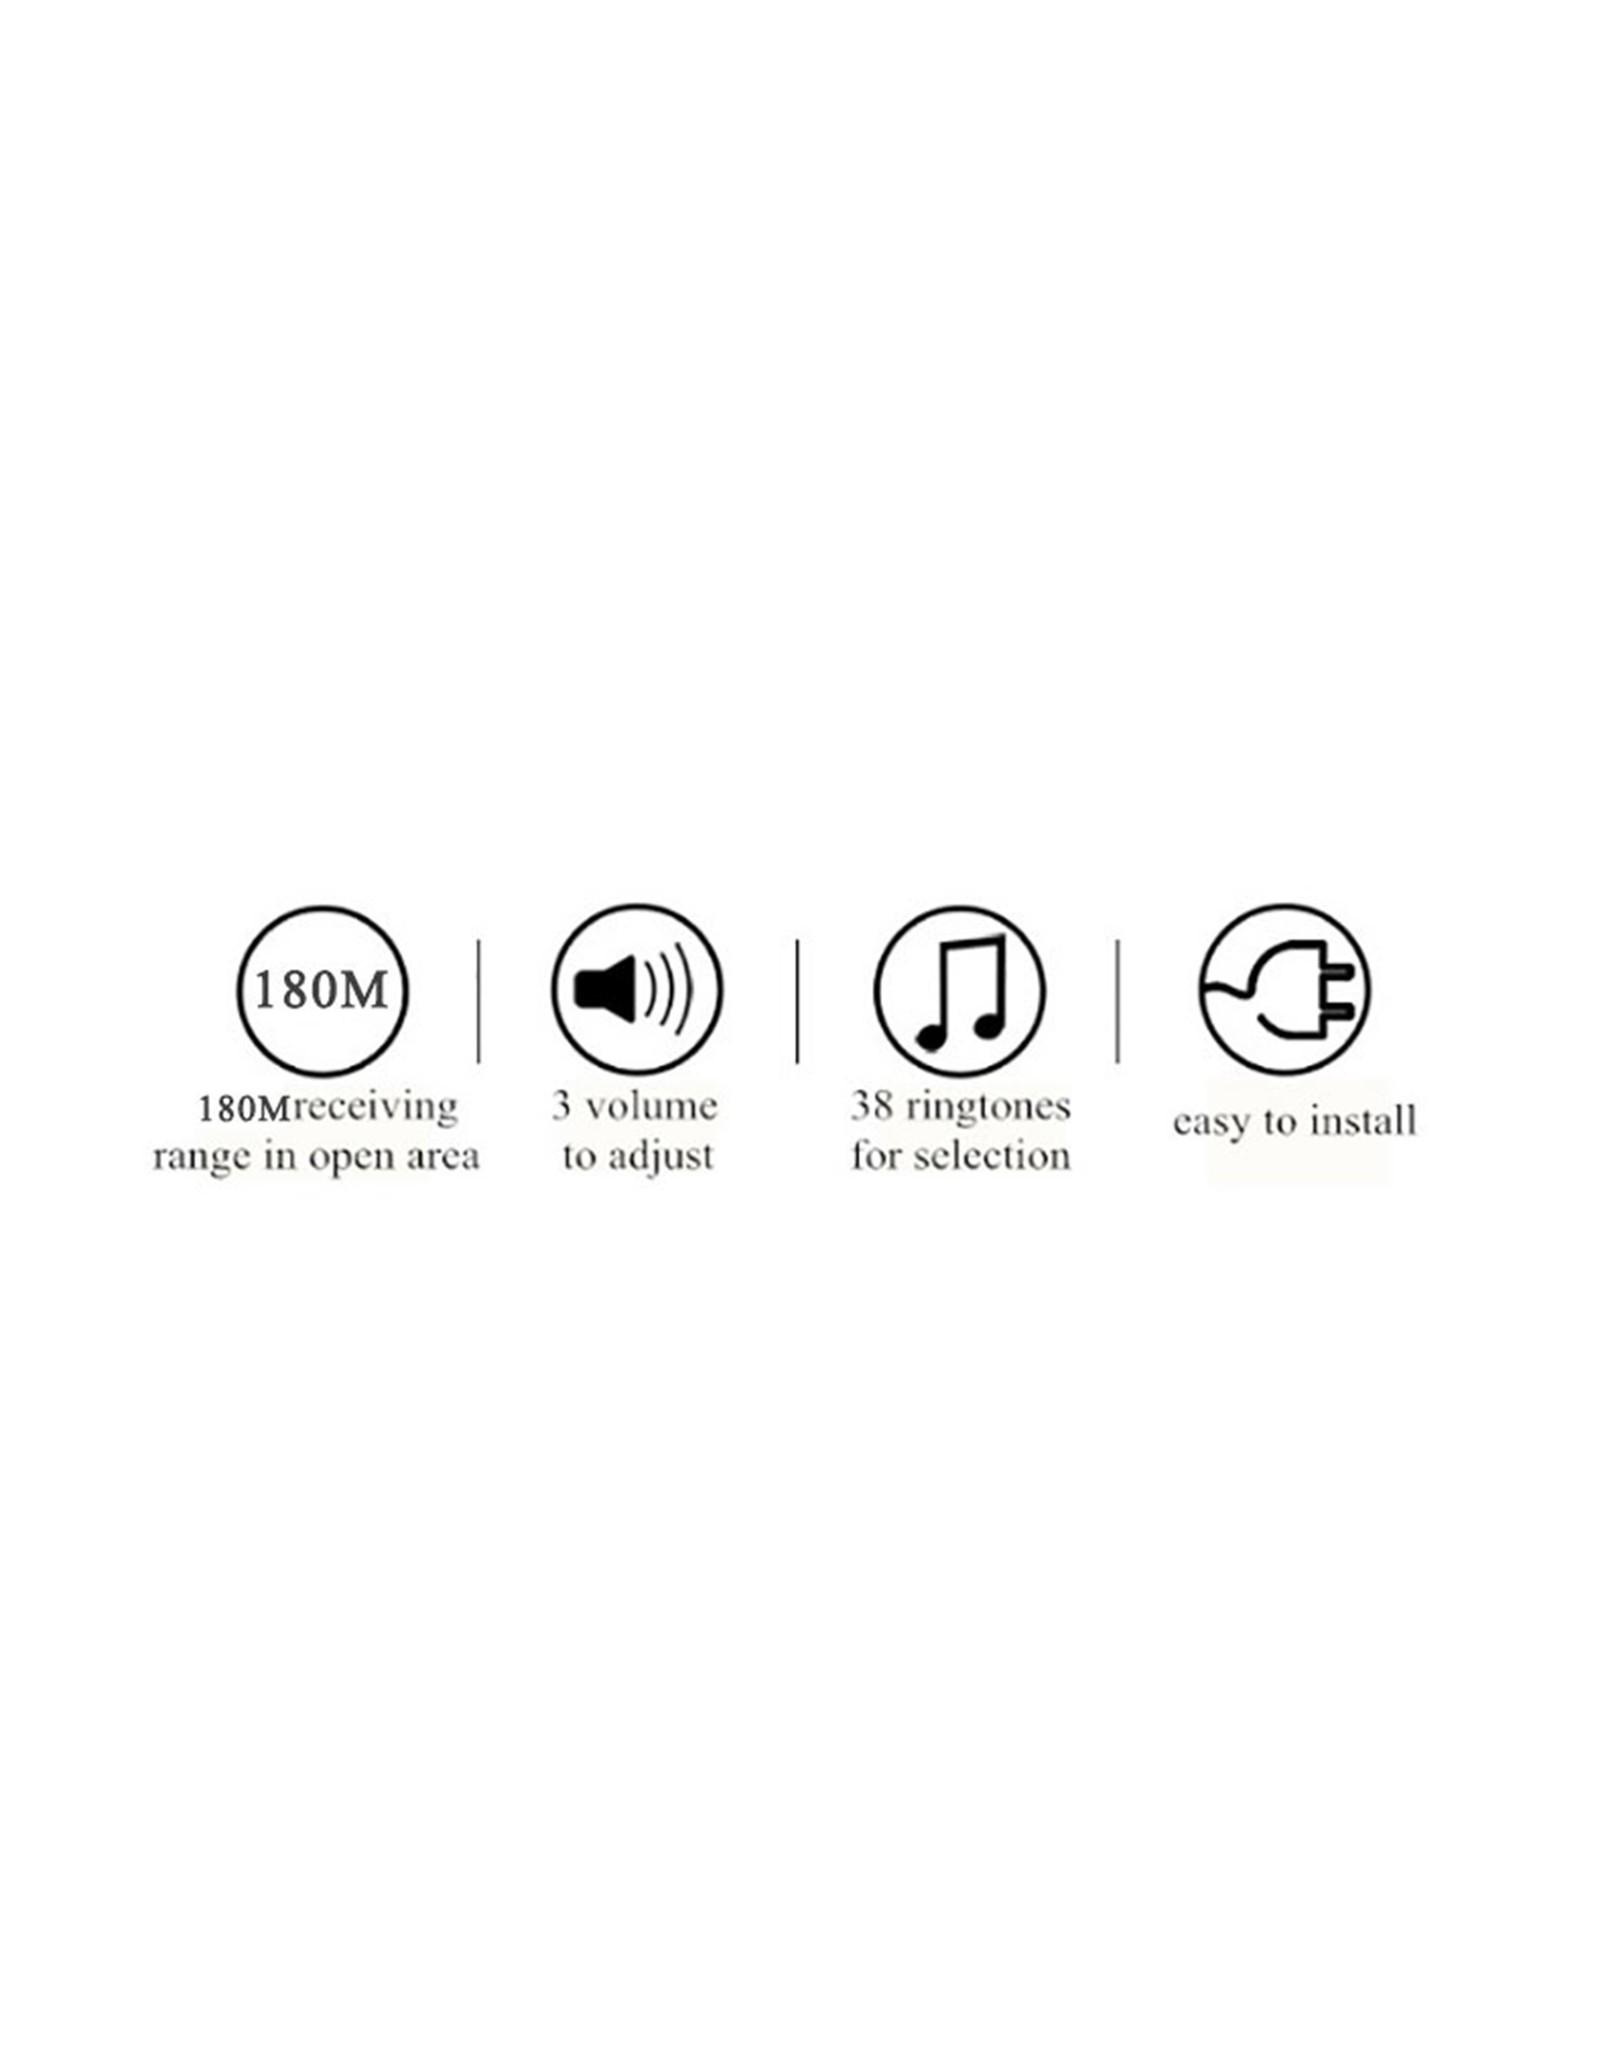 CACAZI Deurbel - Waterdicht - 300M Afstandsbediening - Draadloze Deurbel - 38 Melodieën